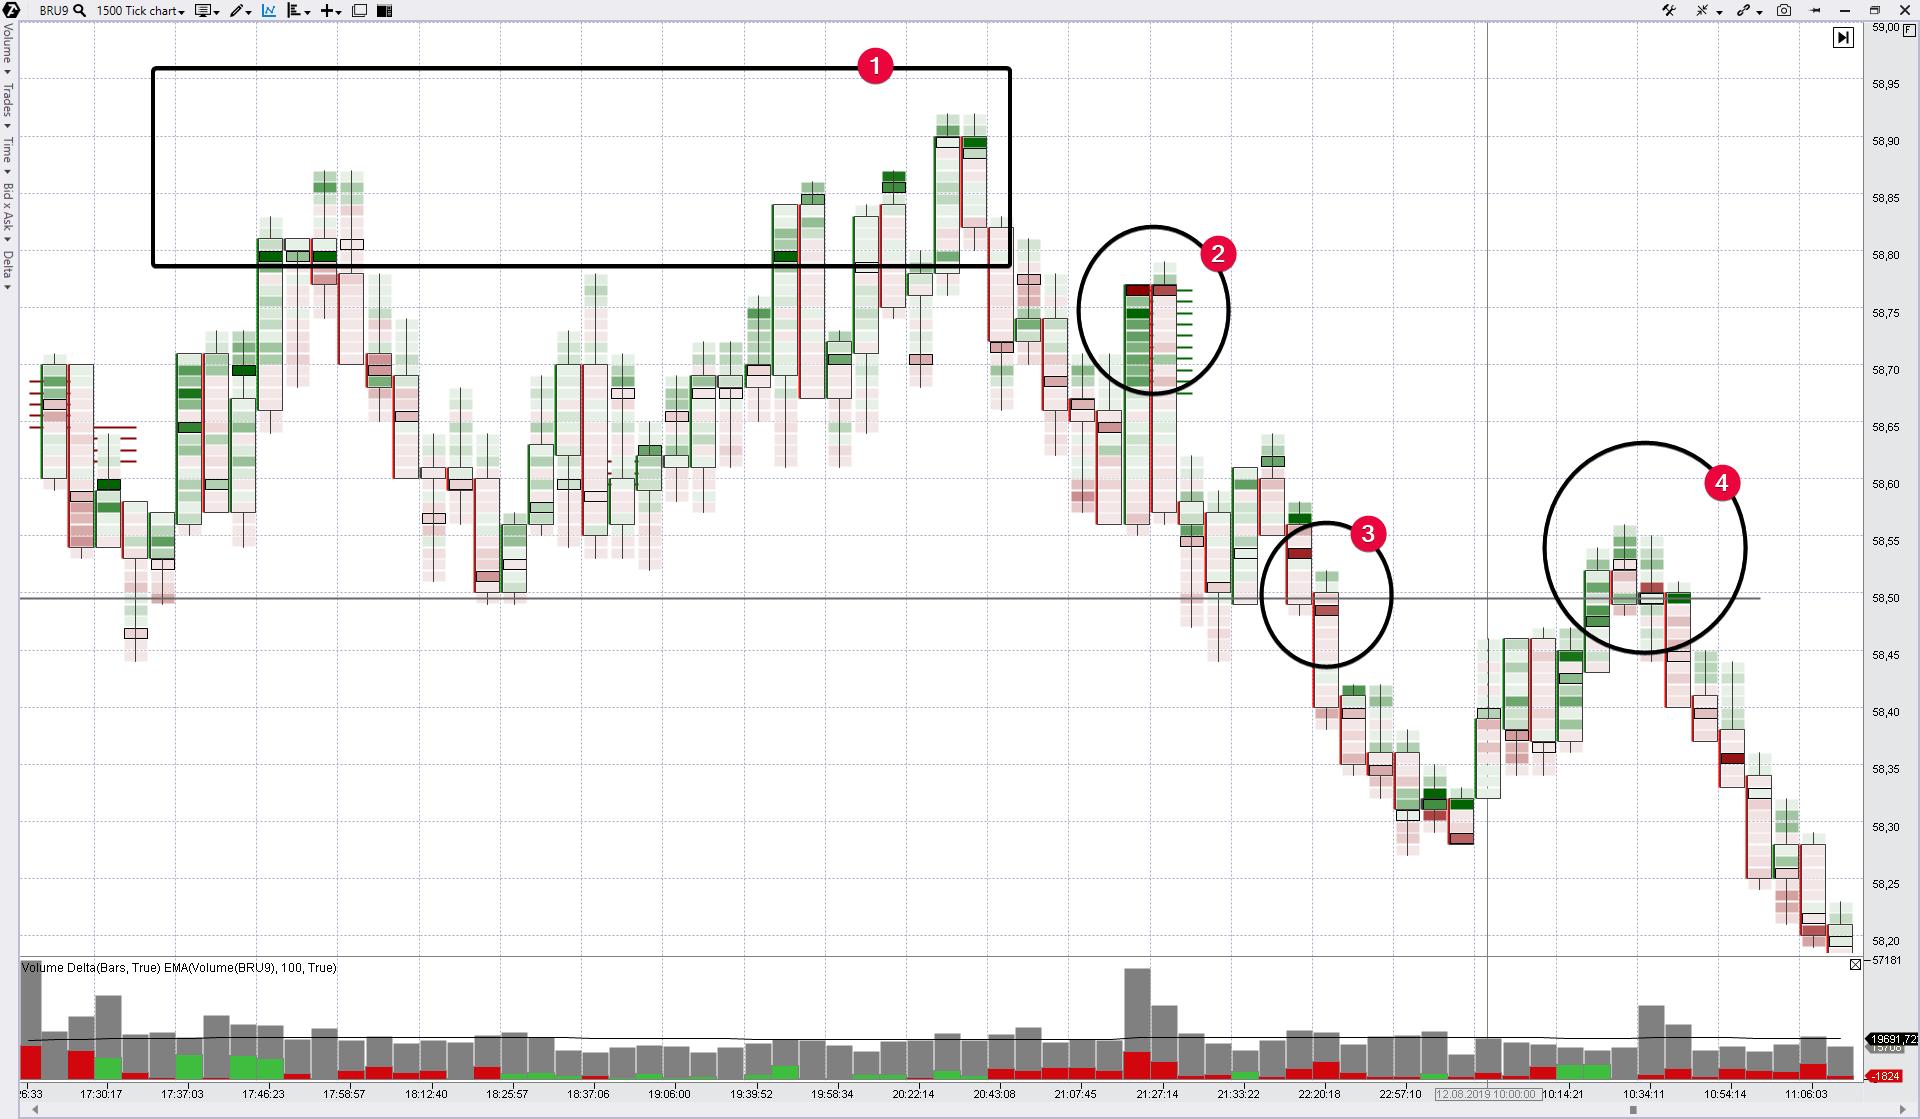 Рассмотрим фьючерсы на нефть, данные с Московской биржи, тиковый тип графика.